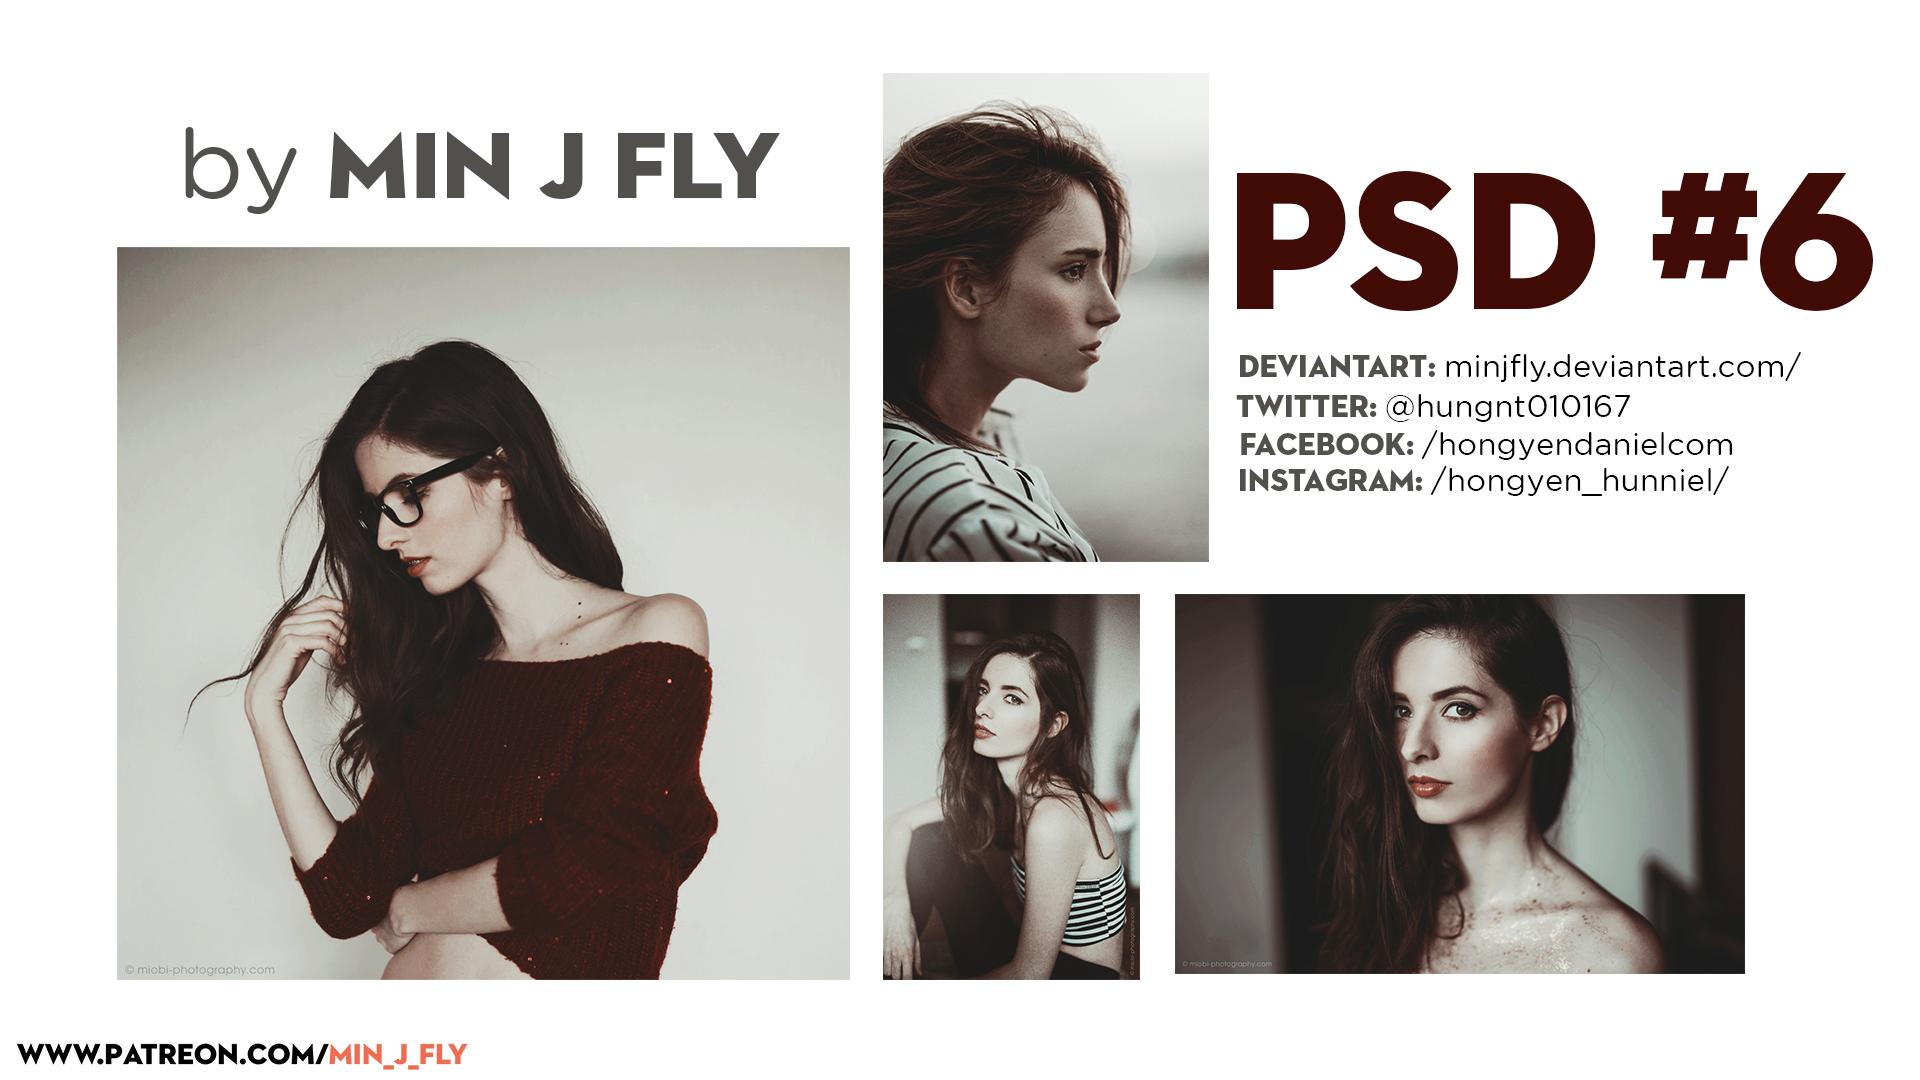 PSD #6 by MIN J FLY